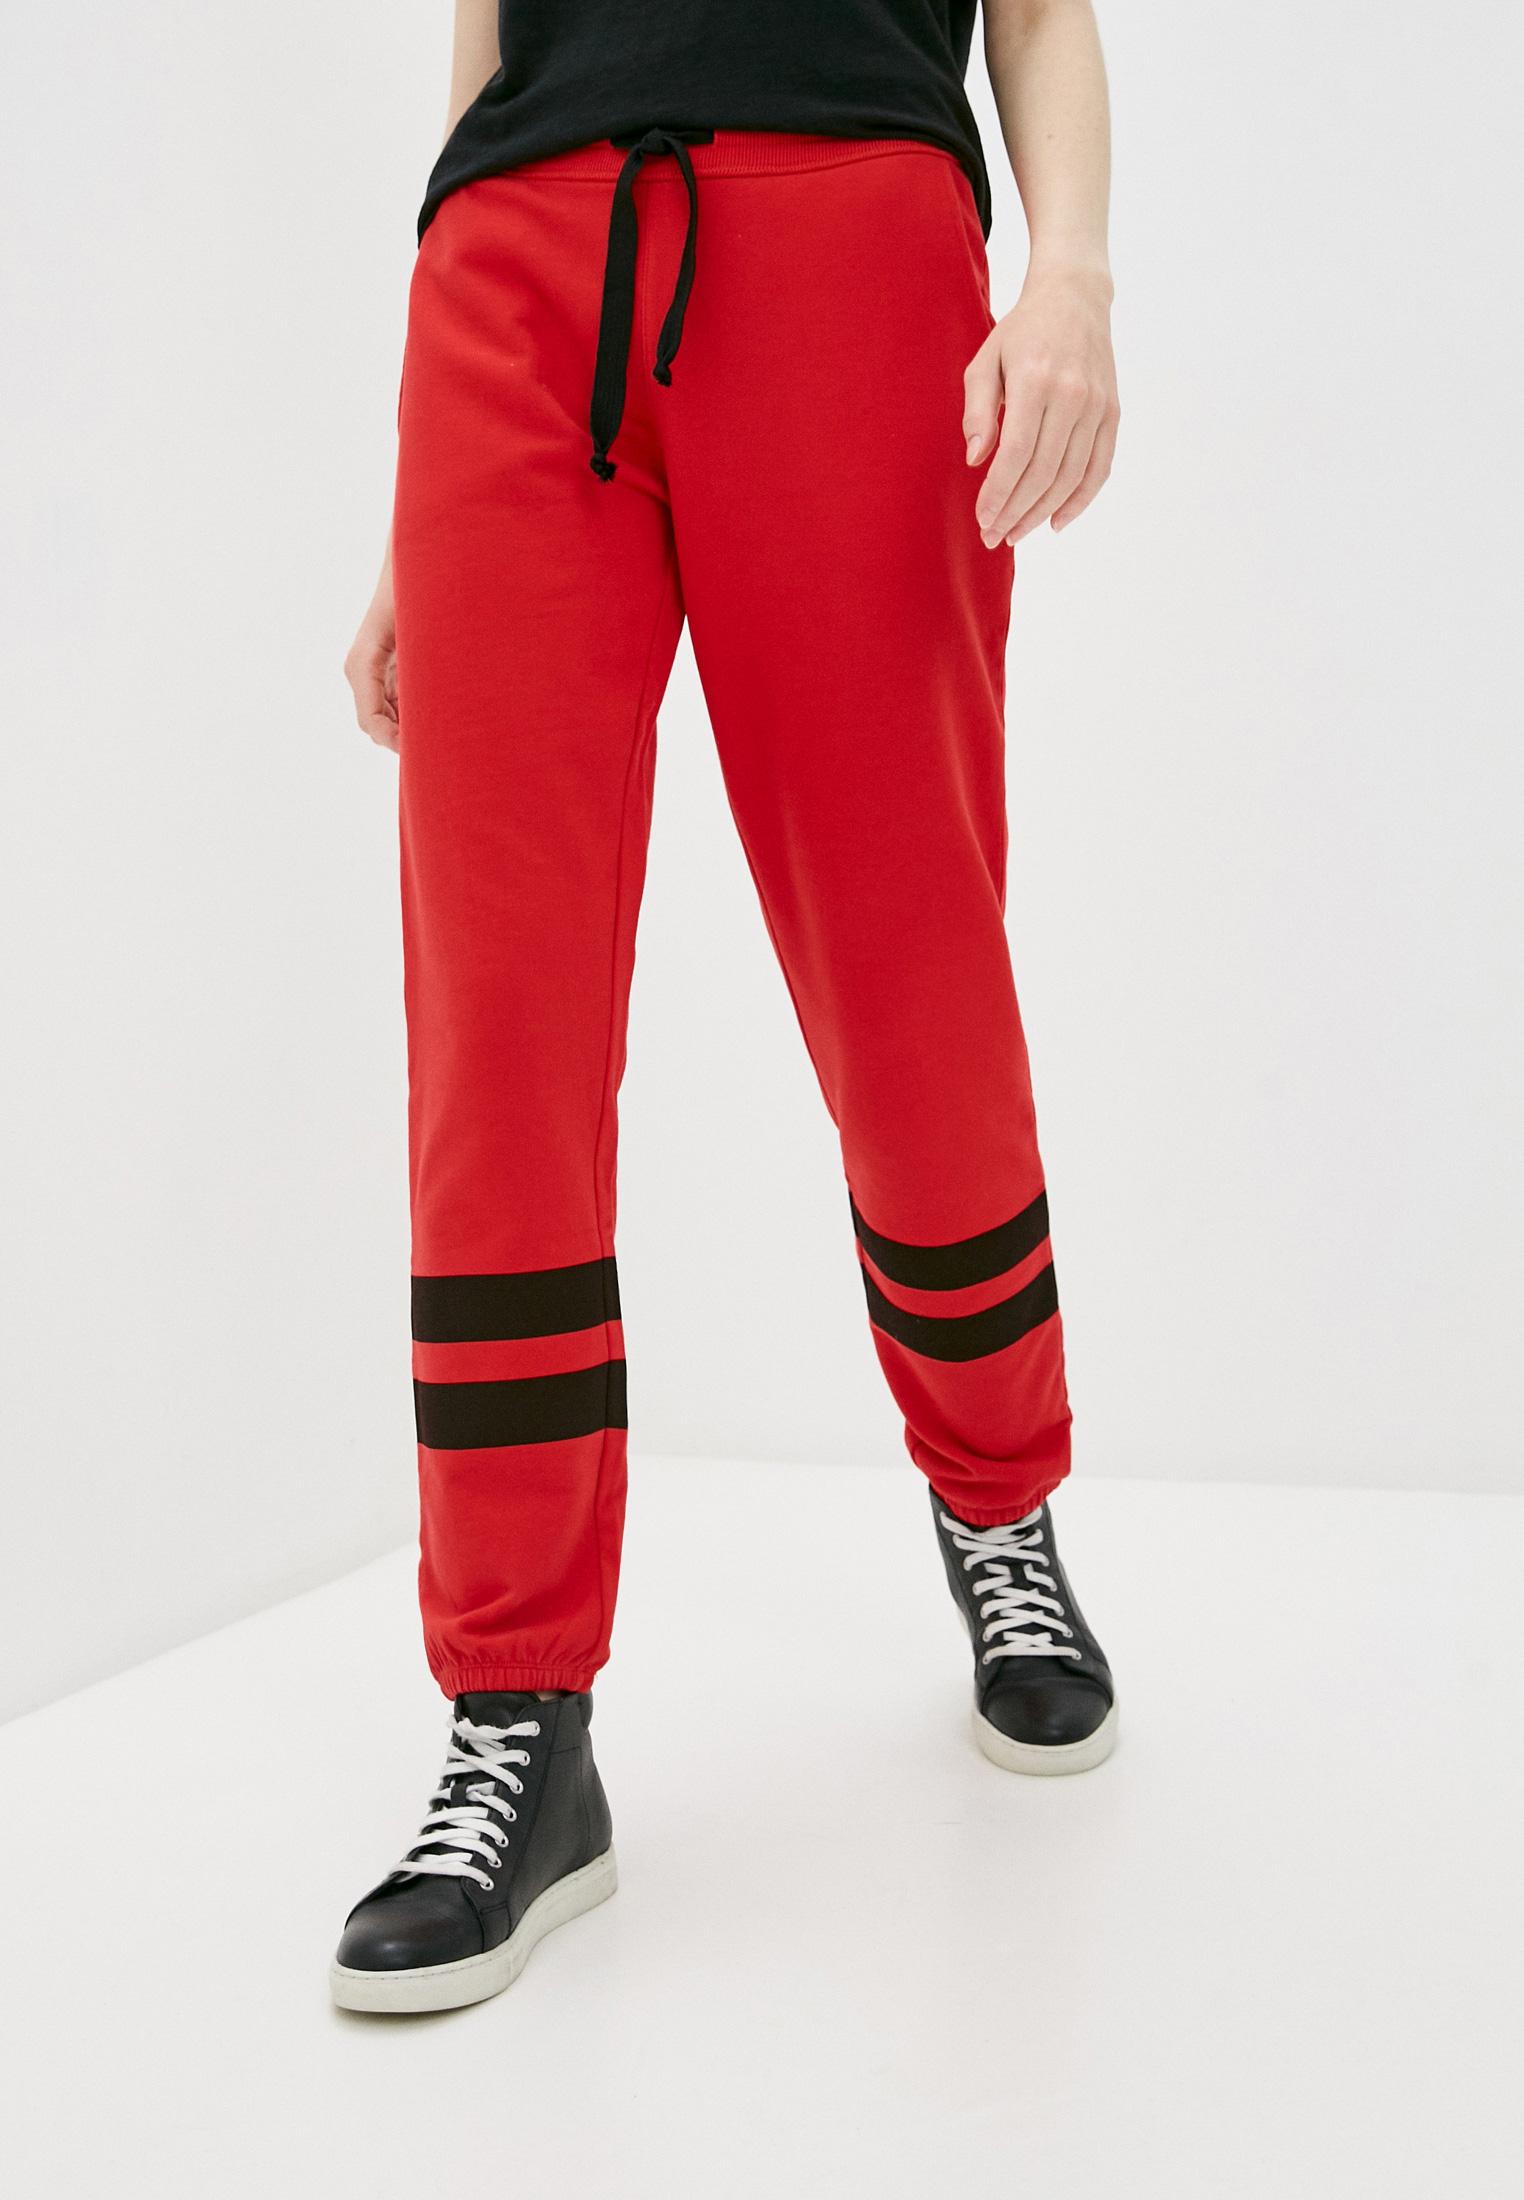 Женские спортивные брюки Juvia 830 13 086